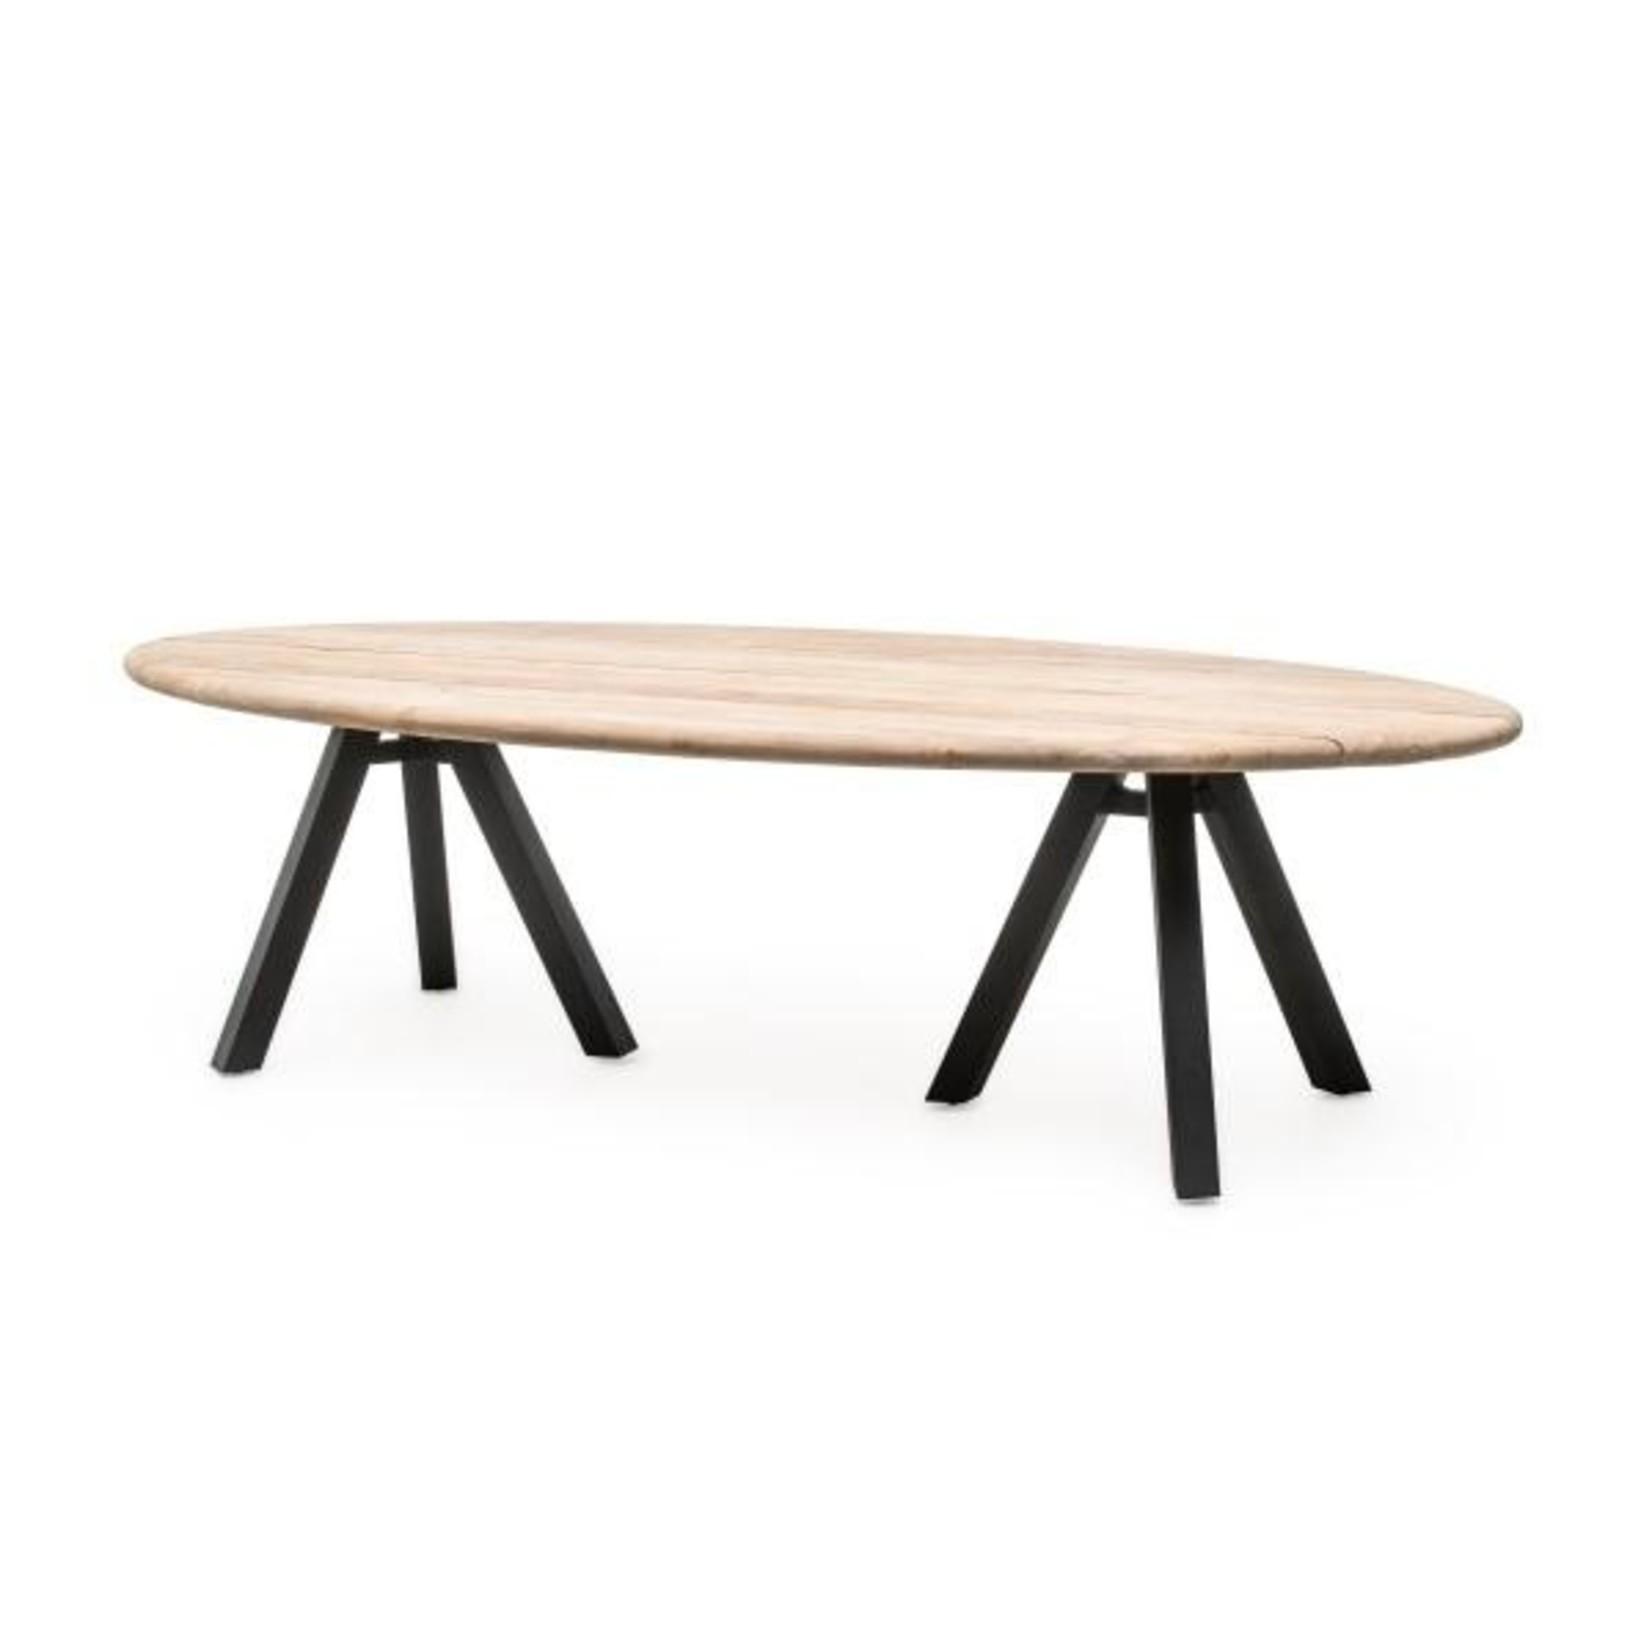 Gommaire Table Samuel   Reclaimed Teak Natural Gray & Aluminum Matte Black